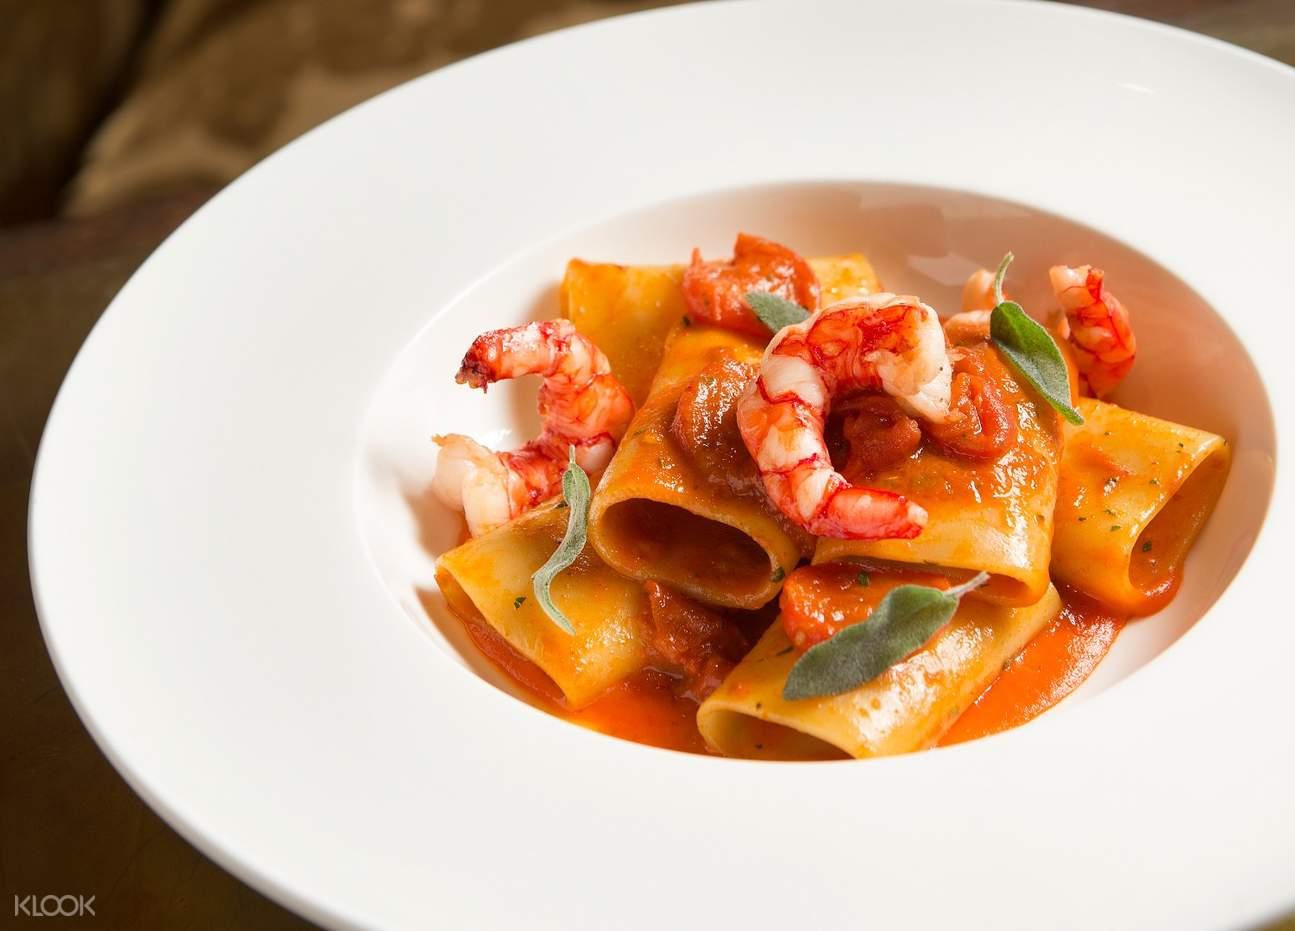 paccheri pasta terrazza italian restaurant galaxy macau